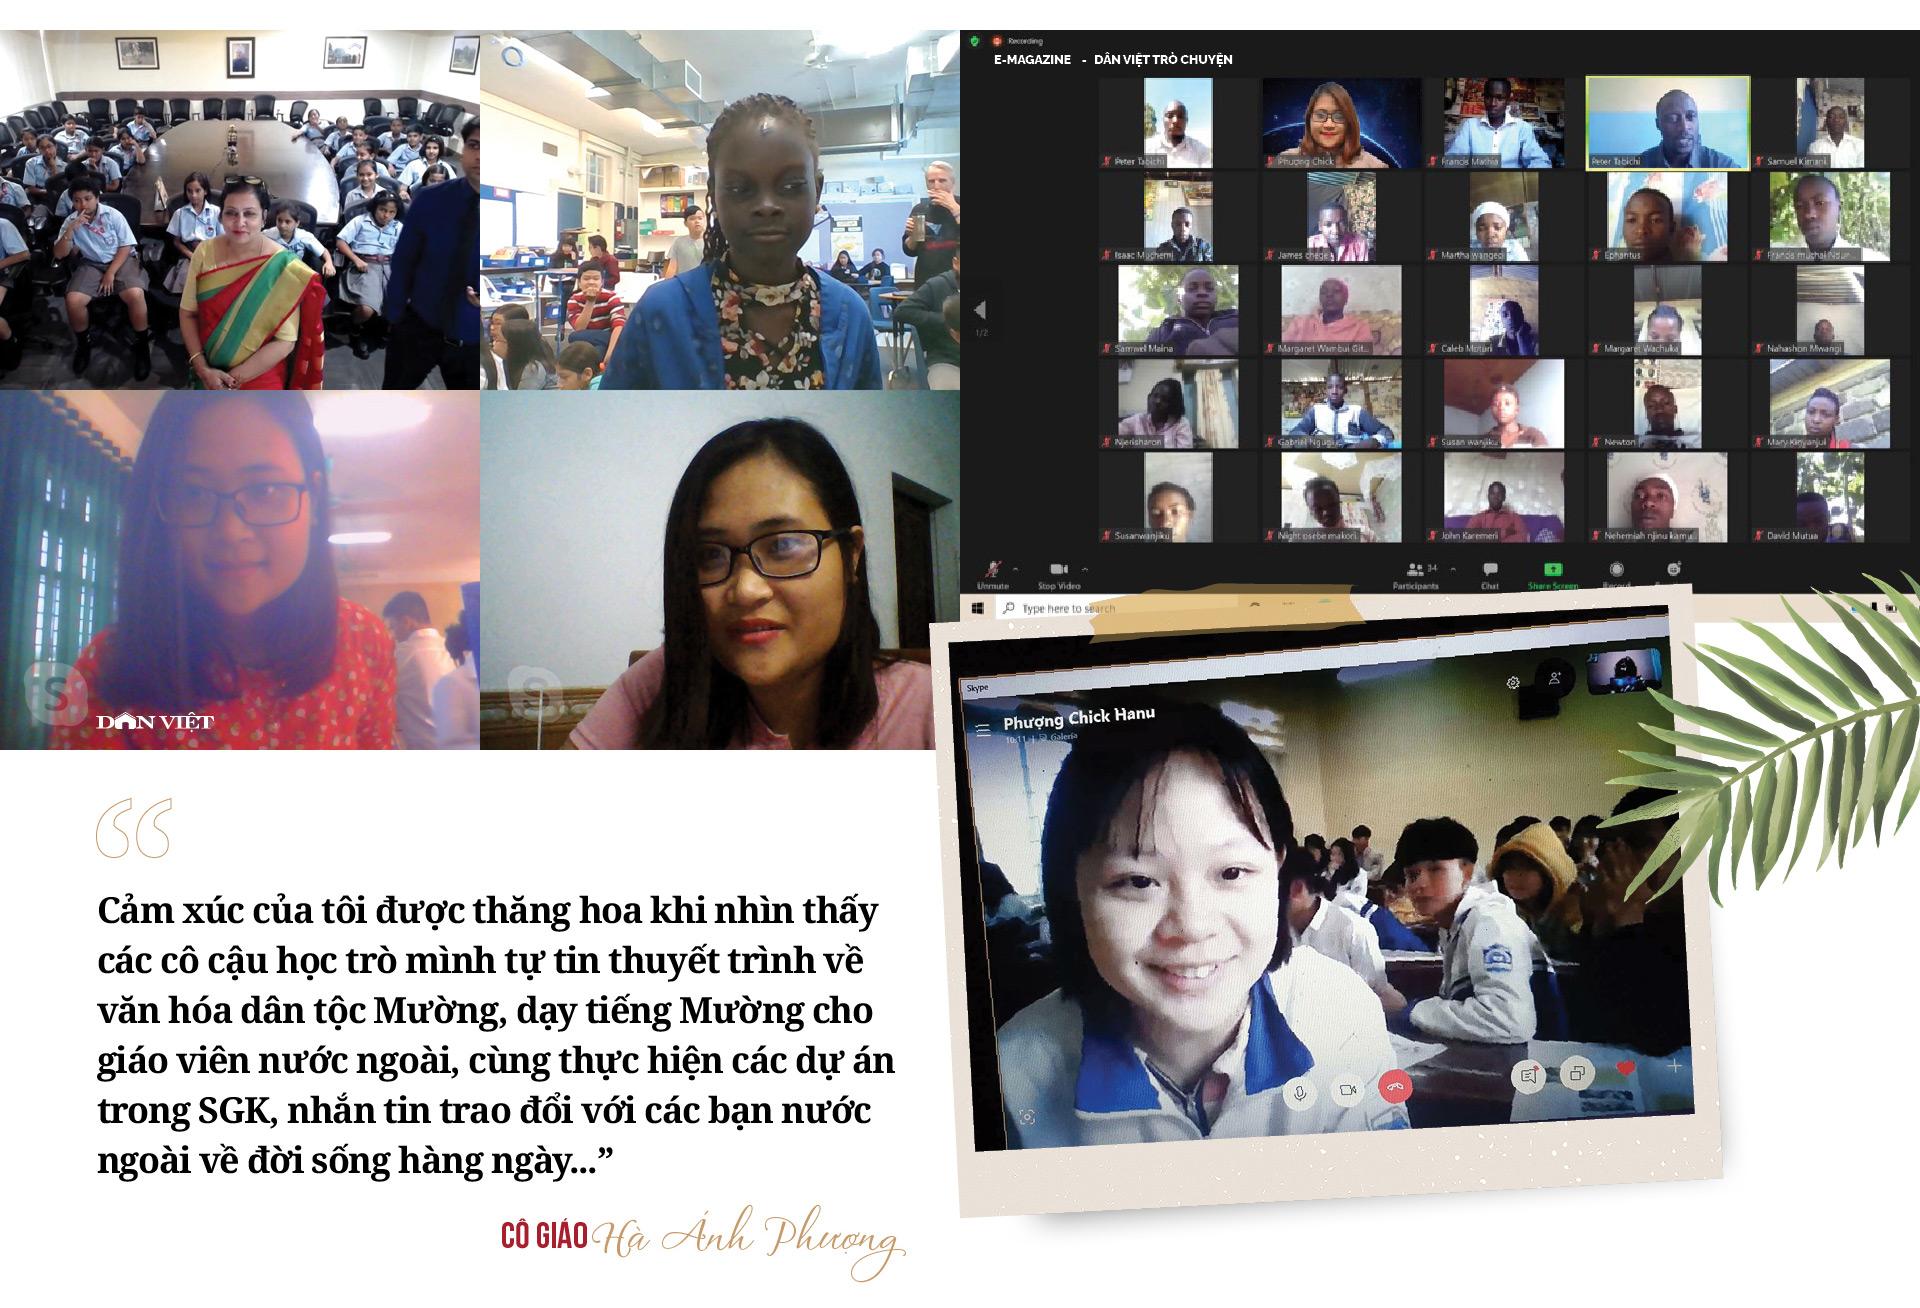 Cô giáo toàn cầu Hà Ánh Phượng: Tôi đang đi đúng đường và thật sự không cô đơn… - Ảnh 6.